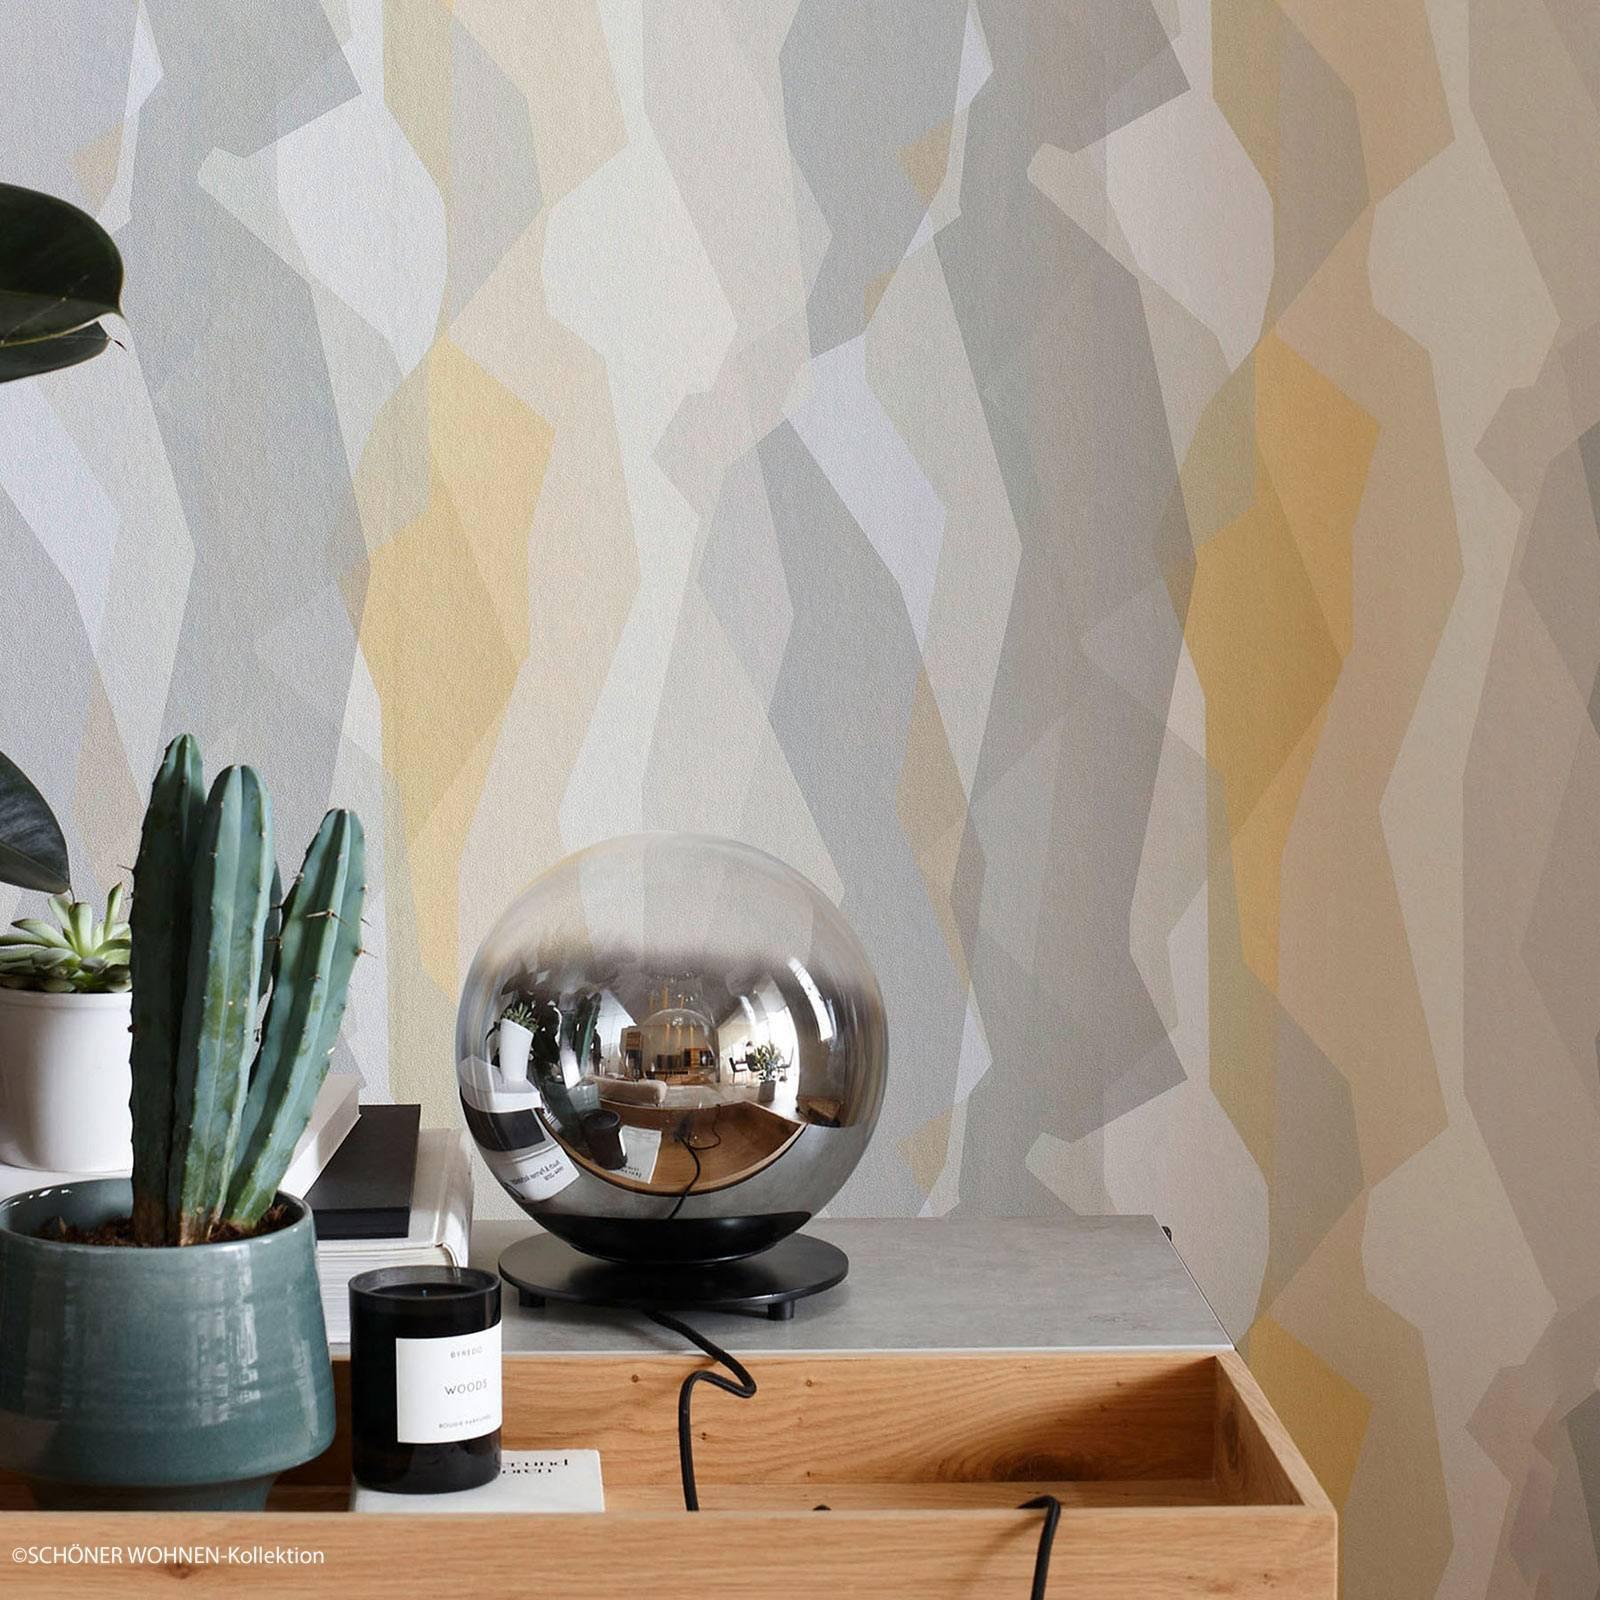 Schöner Wohnen Mirror bordlampe Ø 25 cm